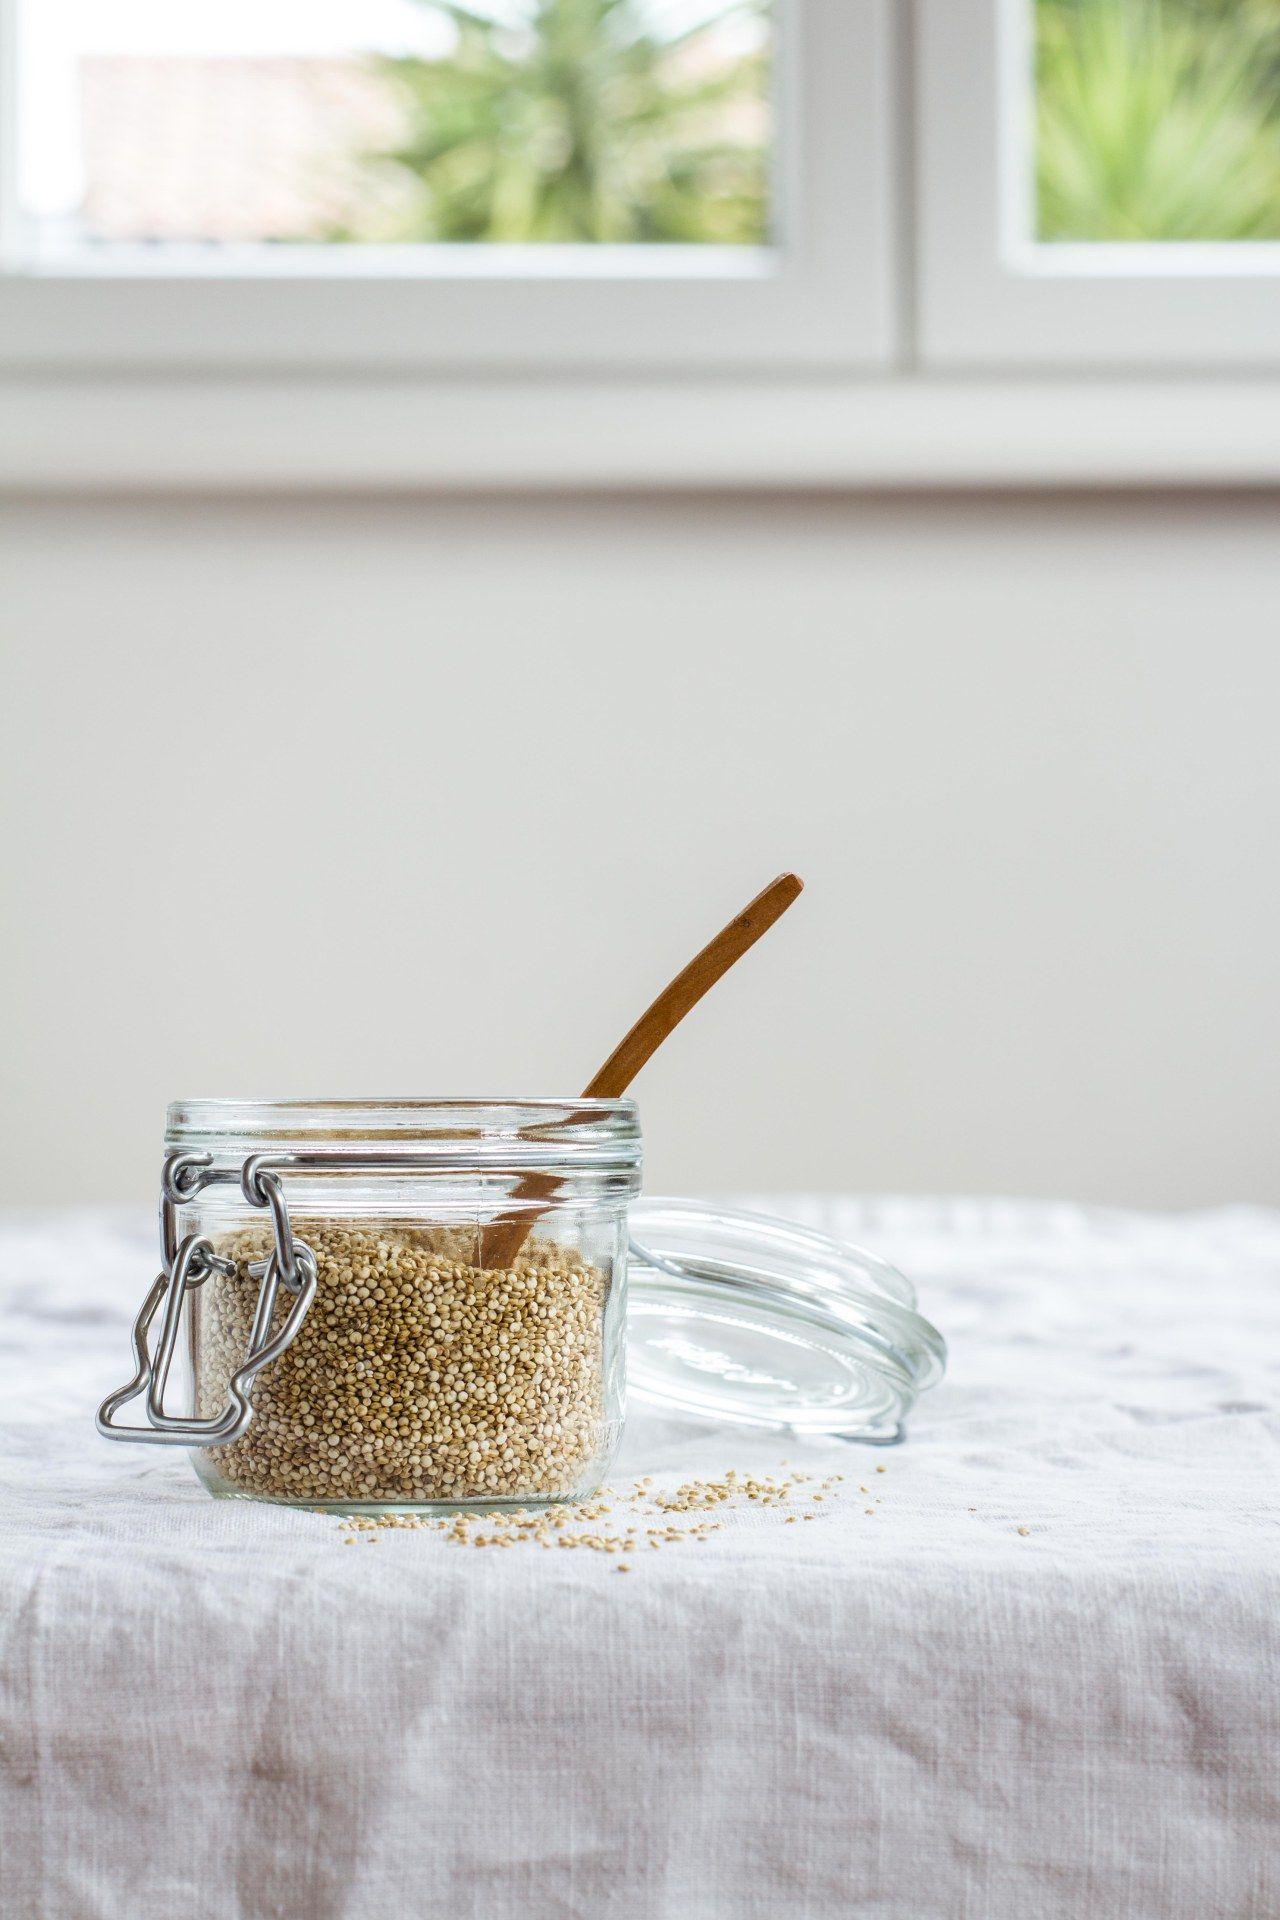 Quinoa Cocinar | Como Cocinar Quinoa Quinoa Food Photography And Recetas